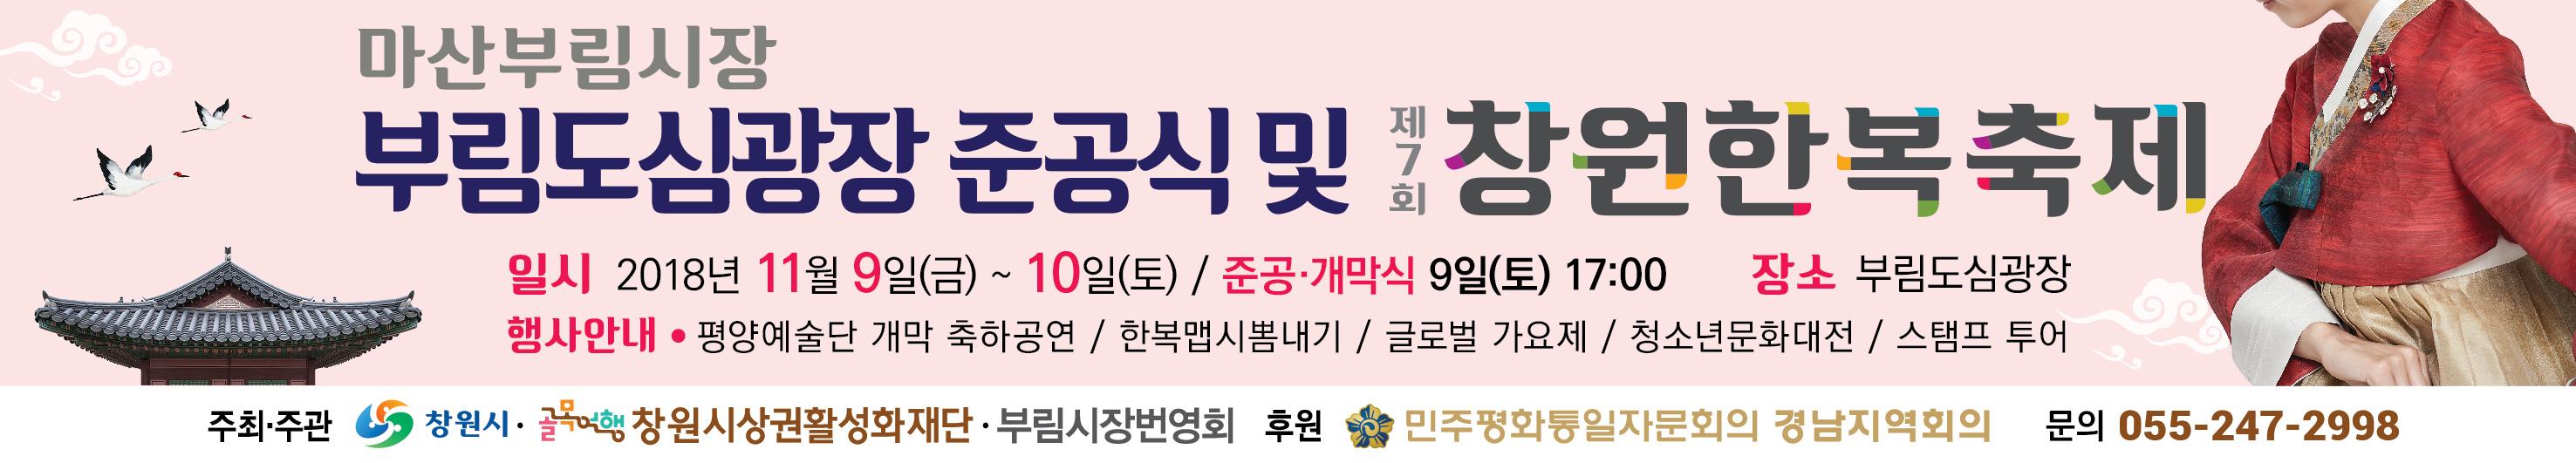 제7회 한복축제 - 현수막.jpg